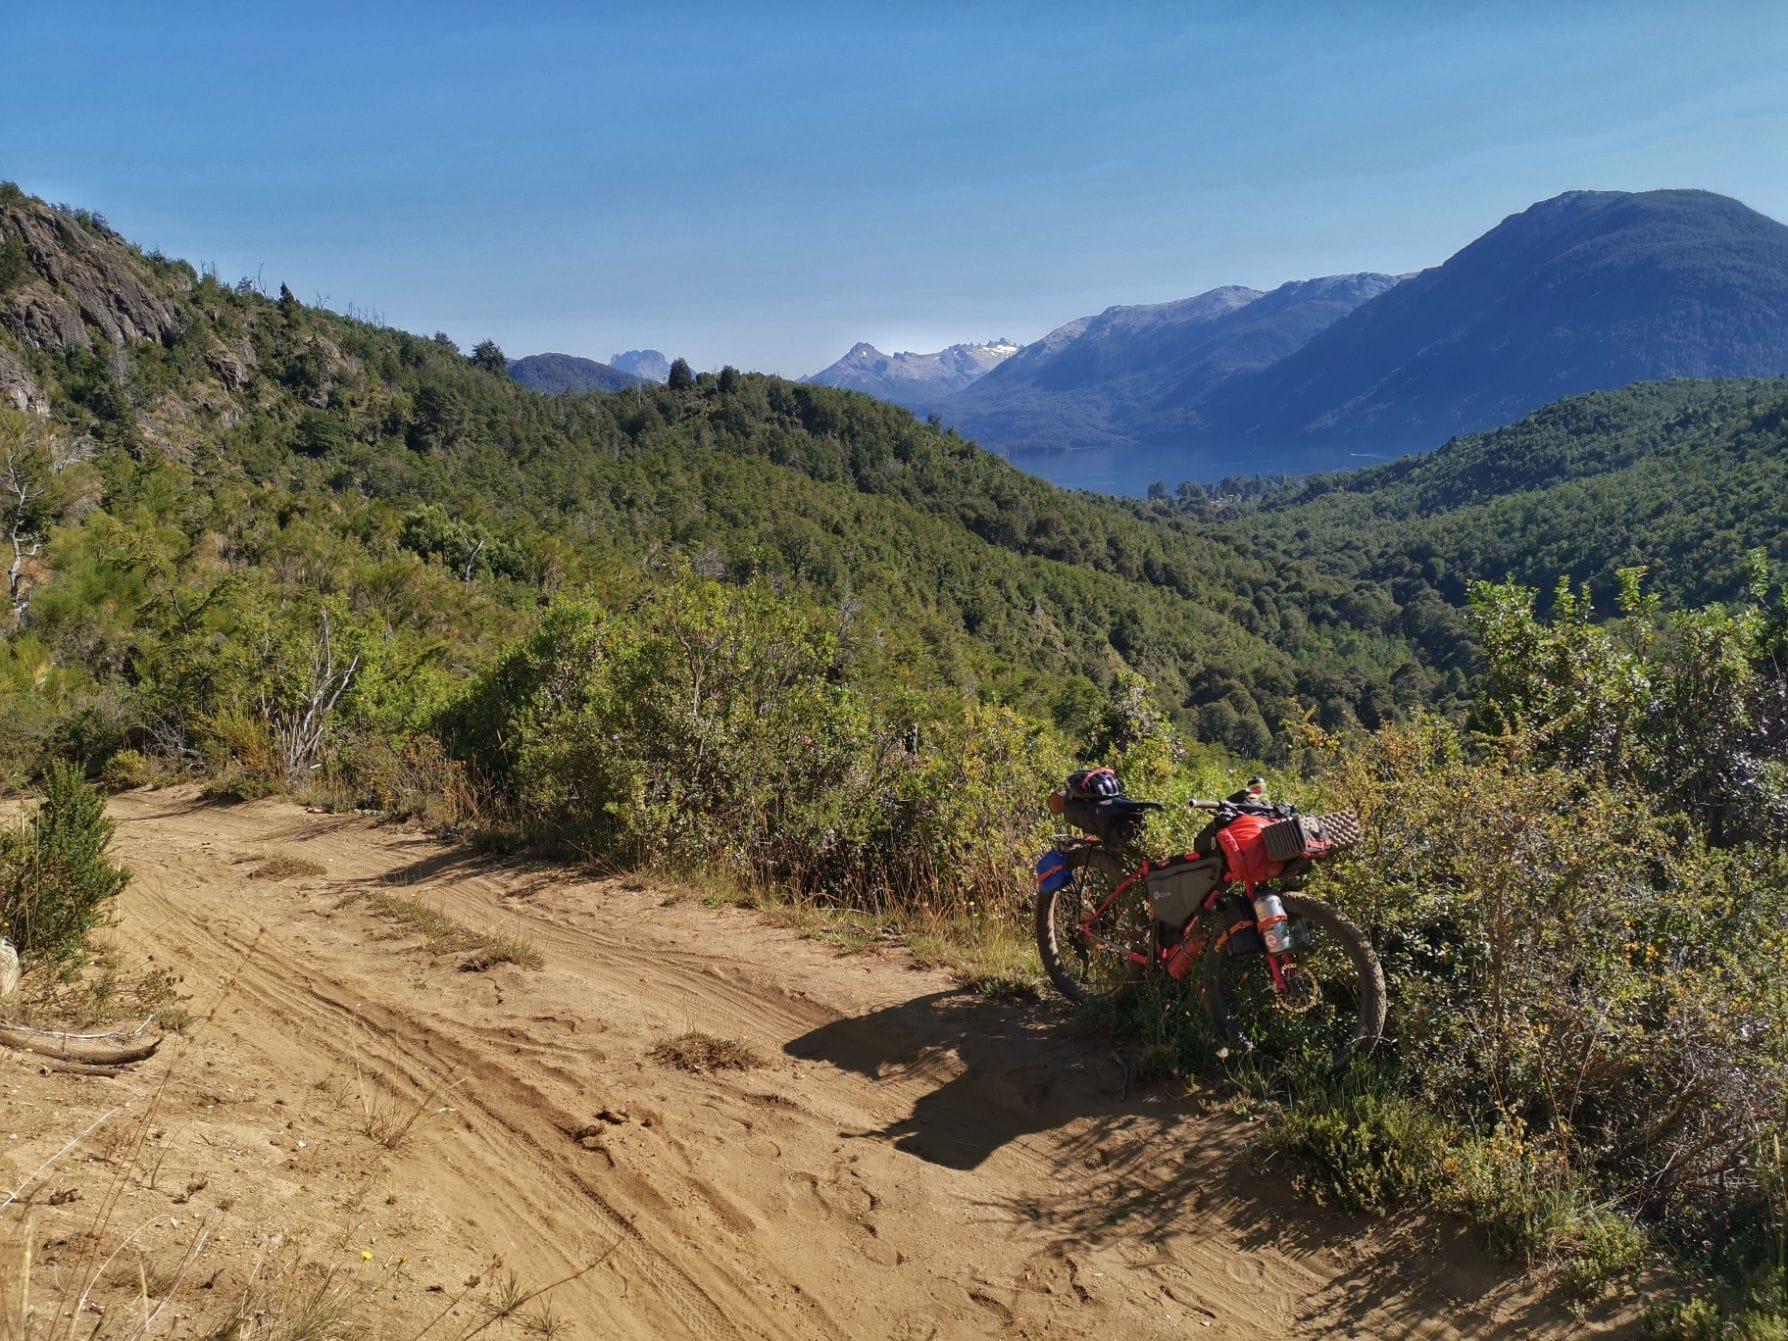 landscapes argentina bikepacking blog post